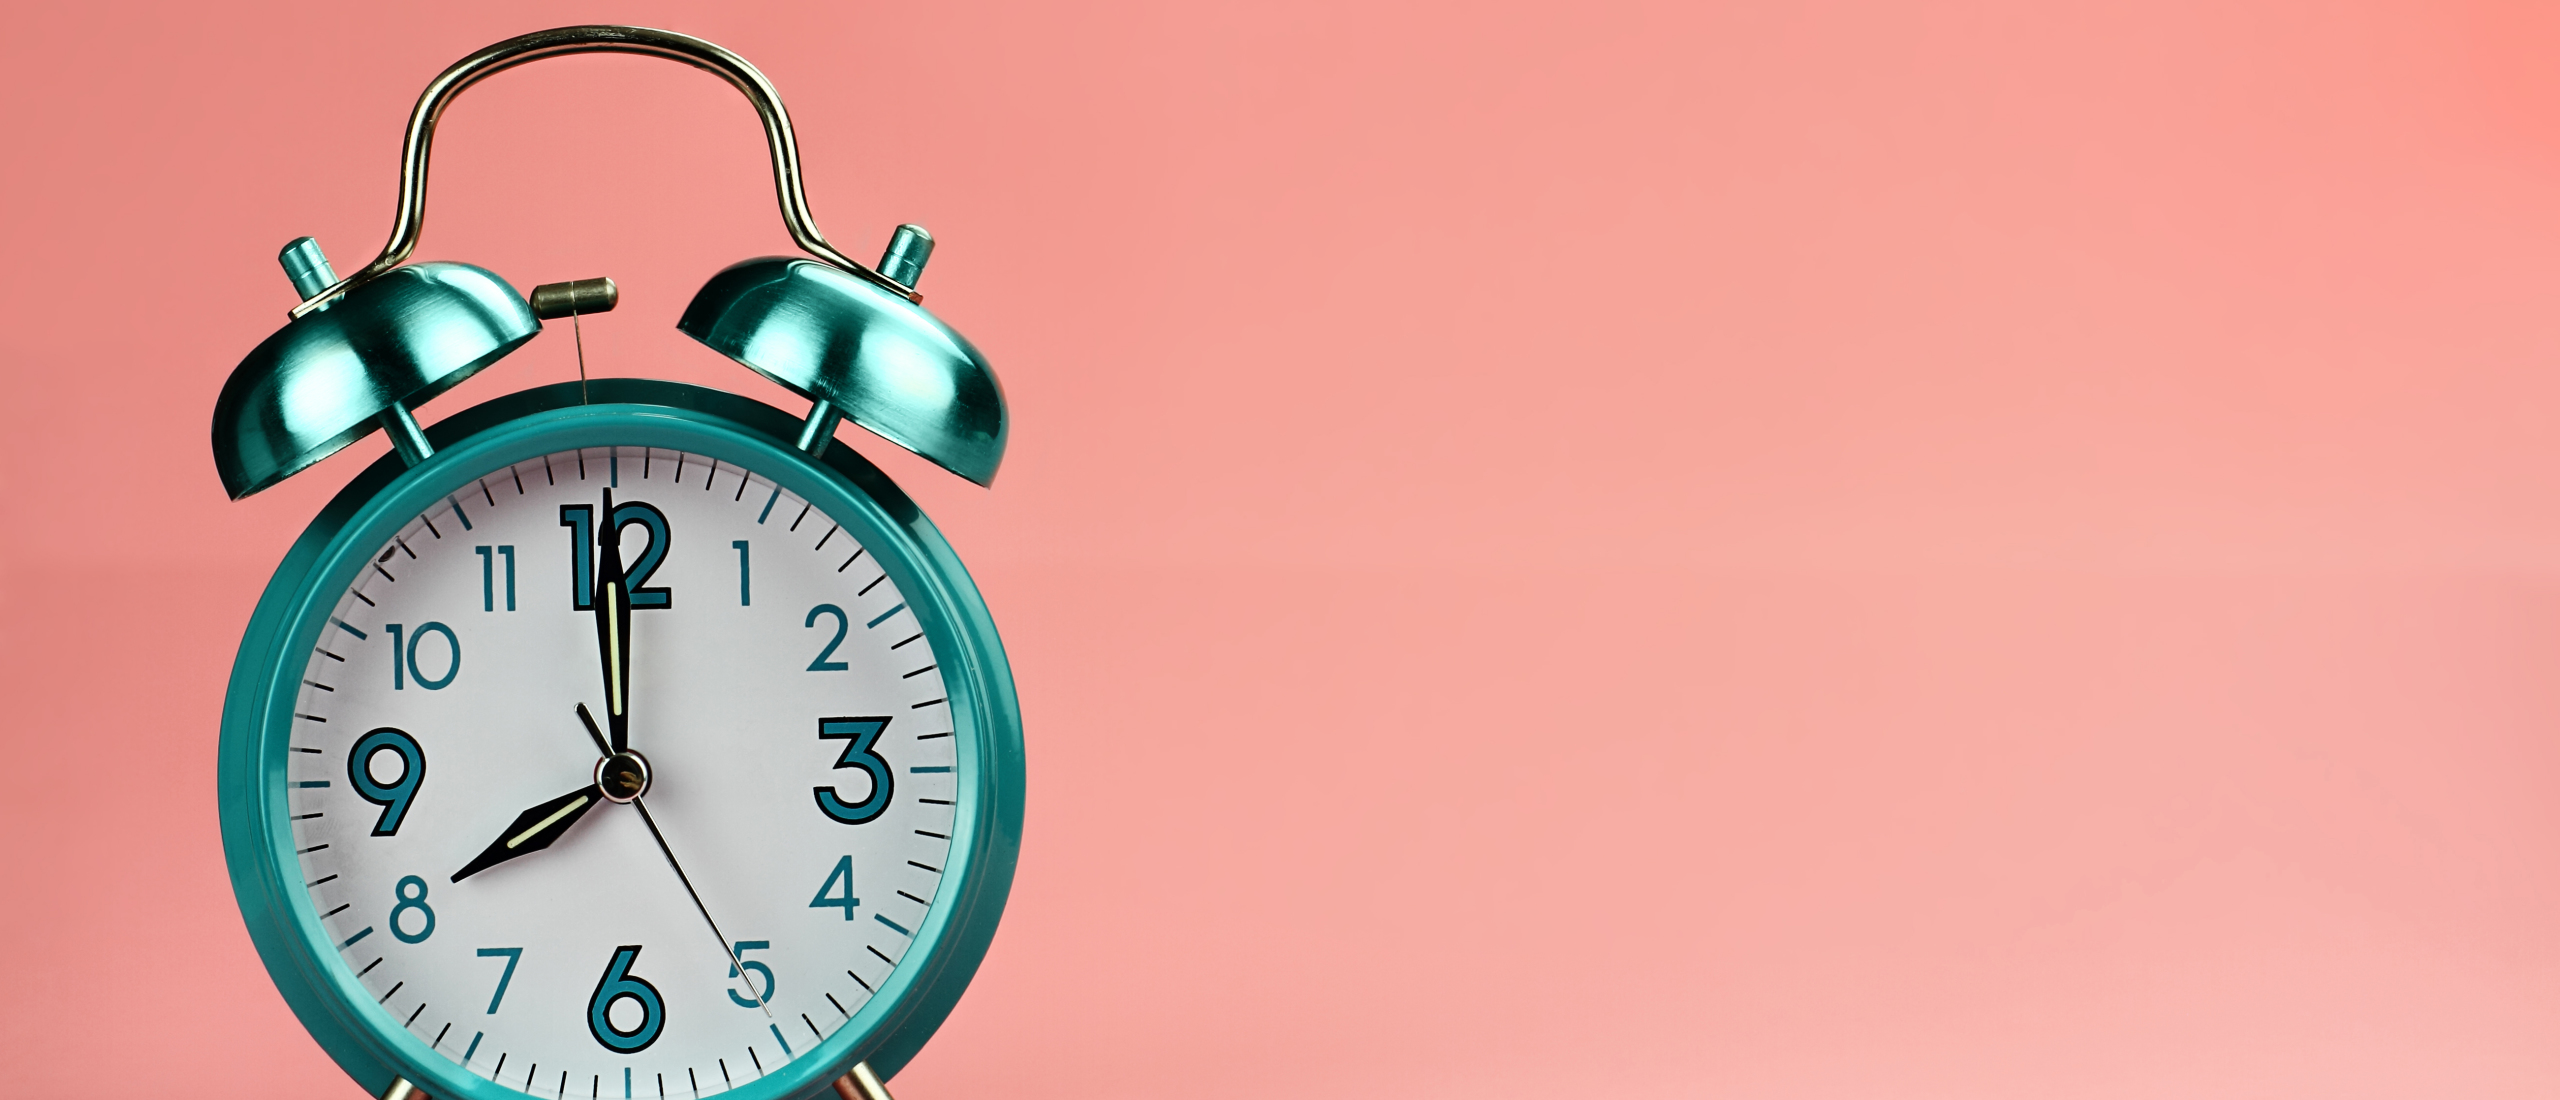 Hoe lang mag een dramales duren? (artikel)